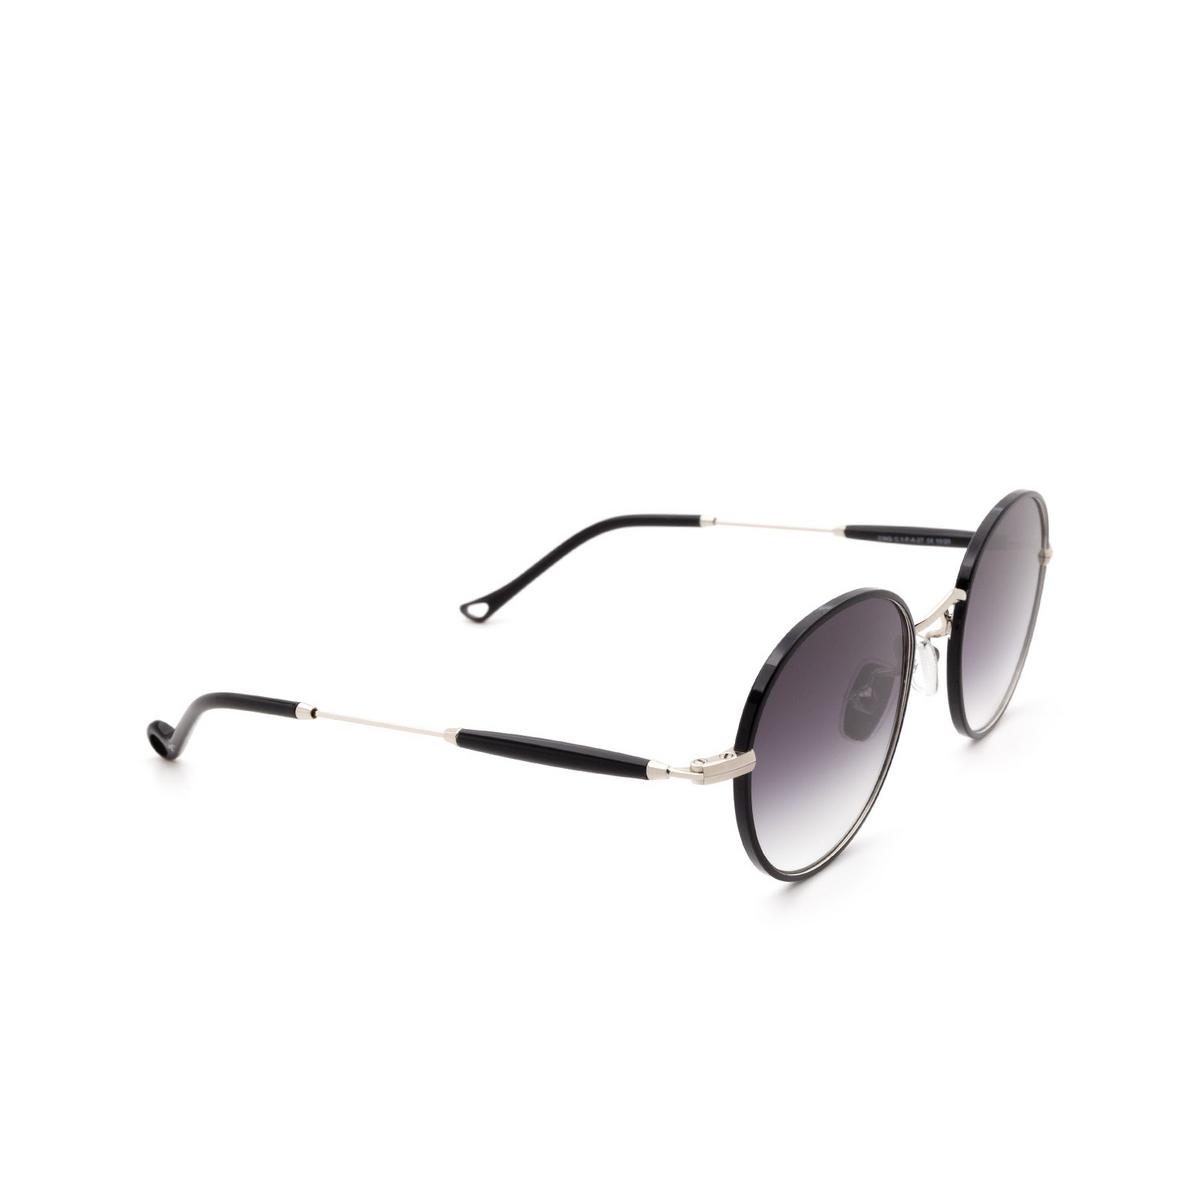 Eyepetizer® Round Sunglasses: Cinq color Black C.1-F-A-27 - three-quarters view.